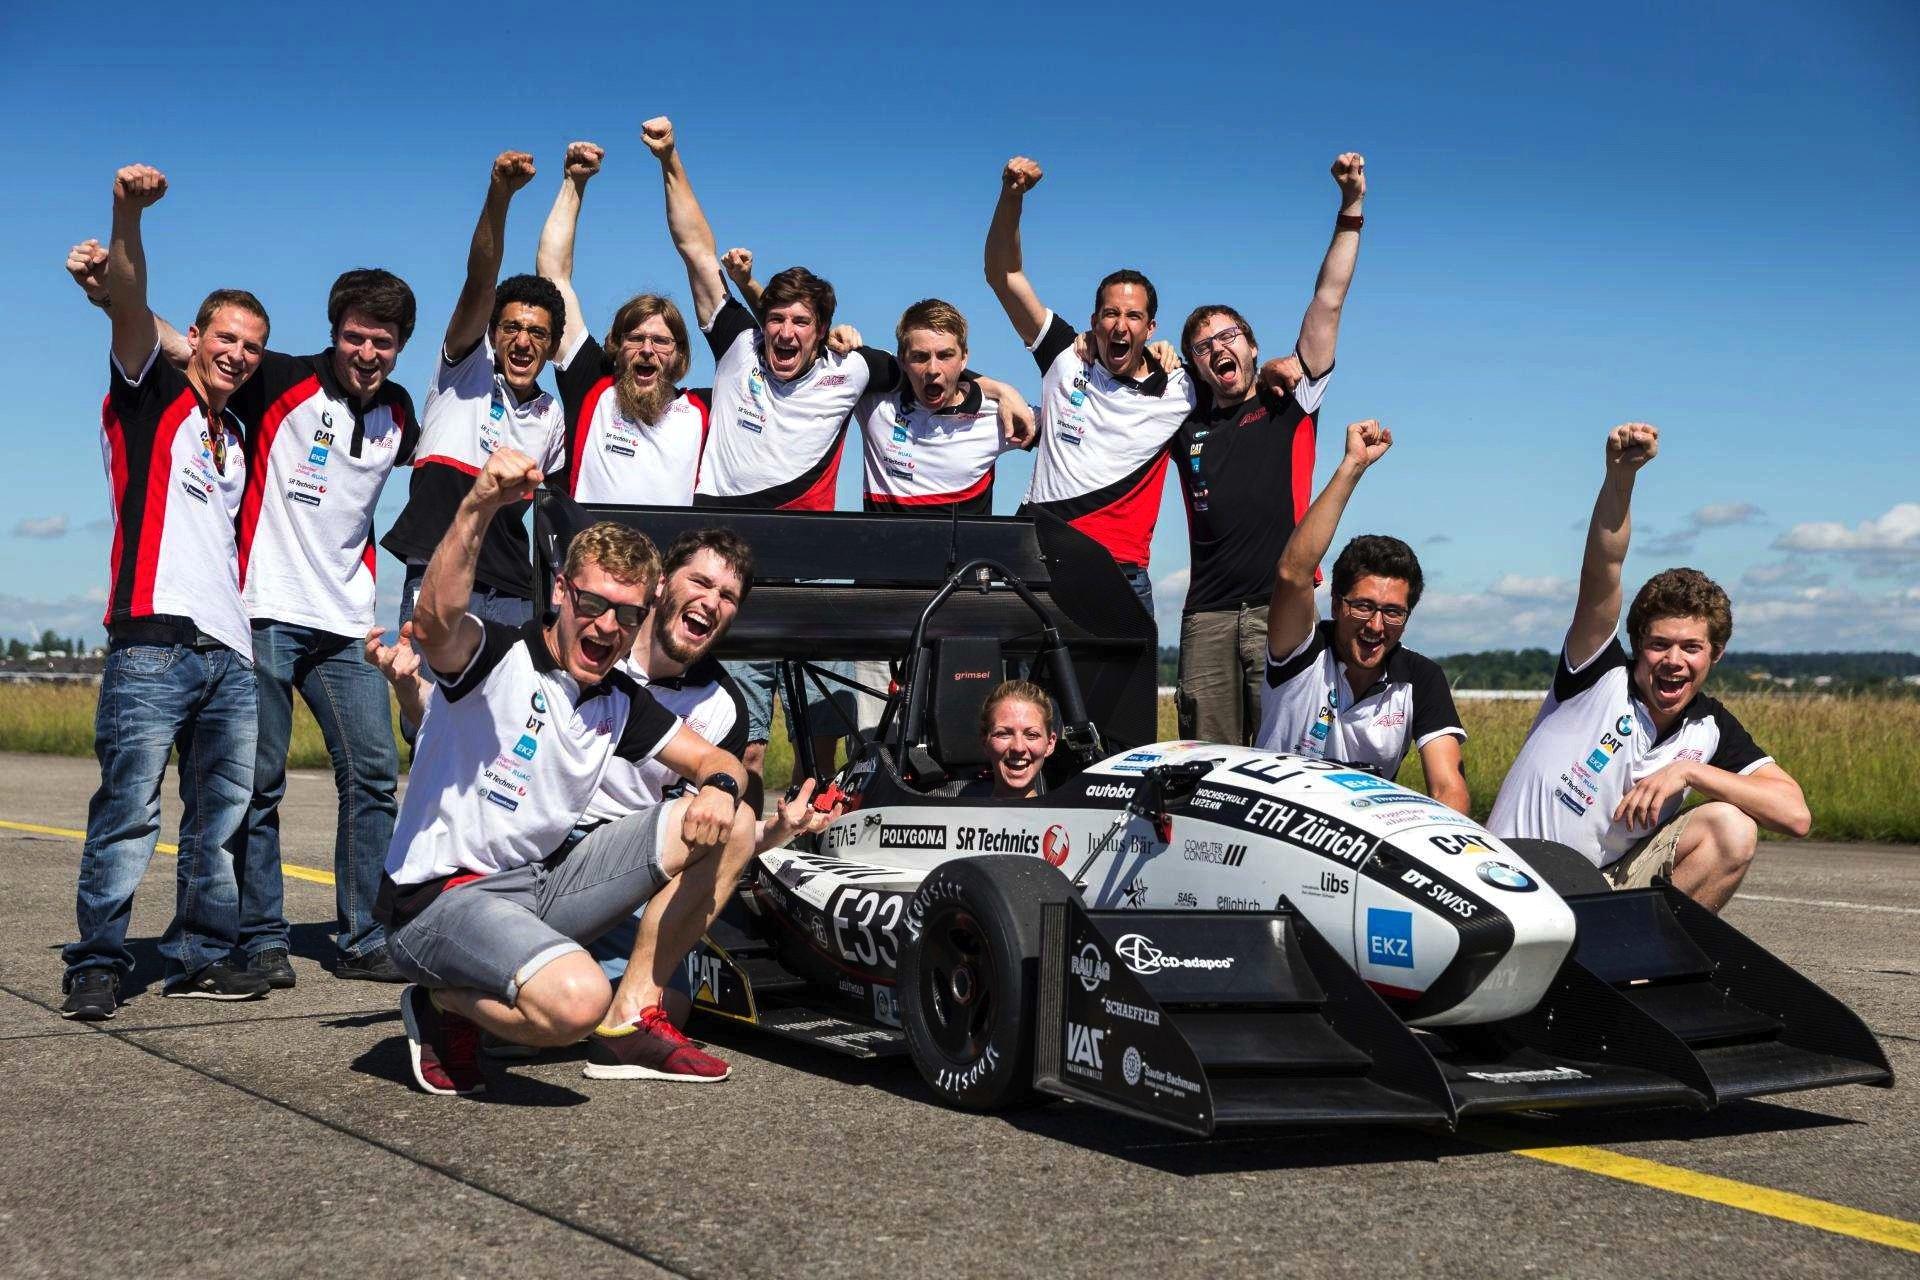 Angehende Ingenieure der ETH Zürich, der Hochschule Luzern und des Akademischen Motorsportvereins Zürich haben den neuen Beschleunigungsrekord aufgestellt.